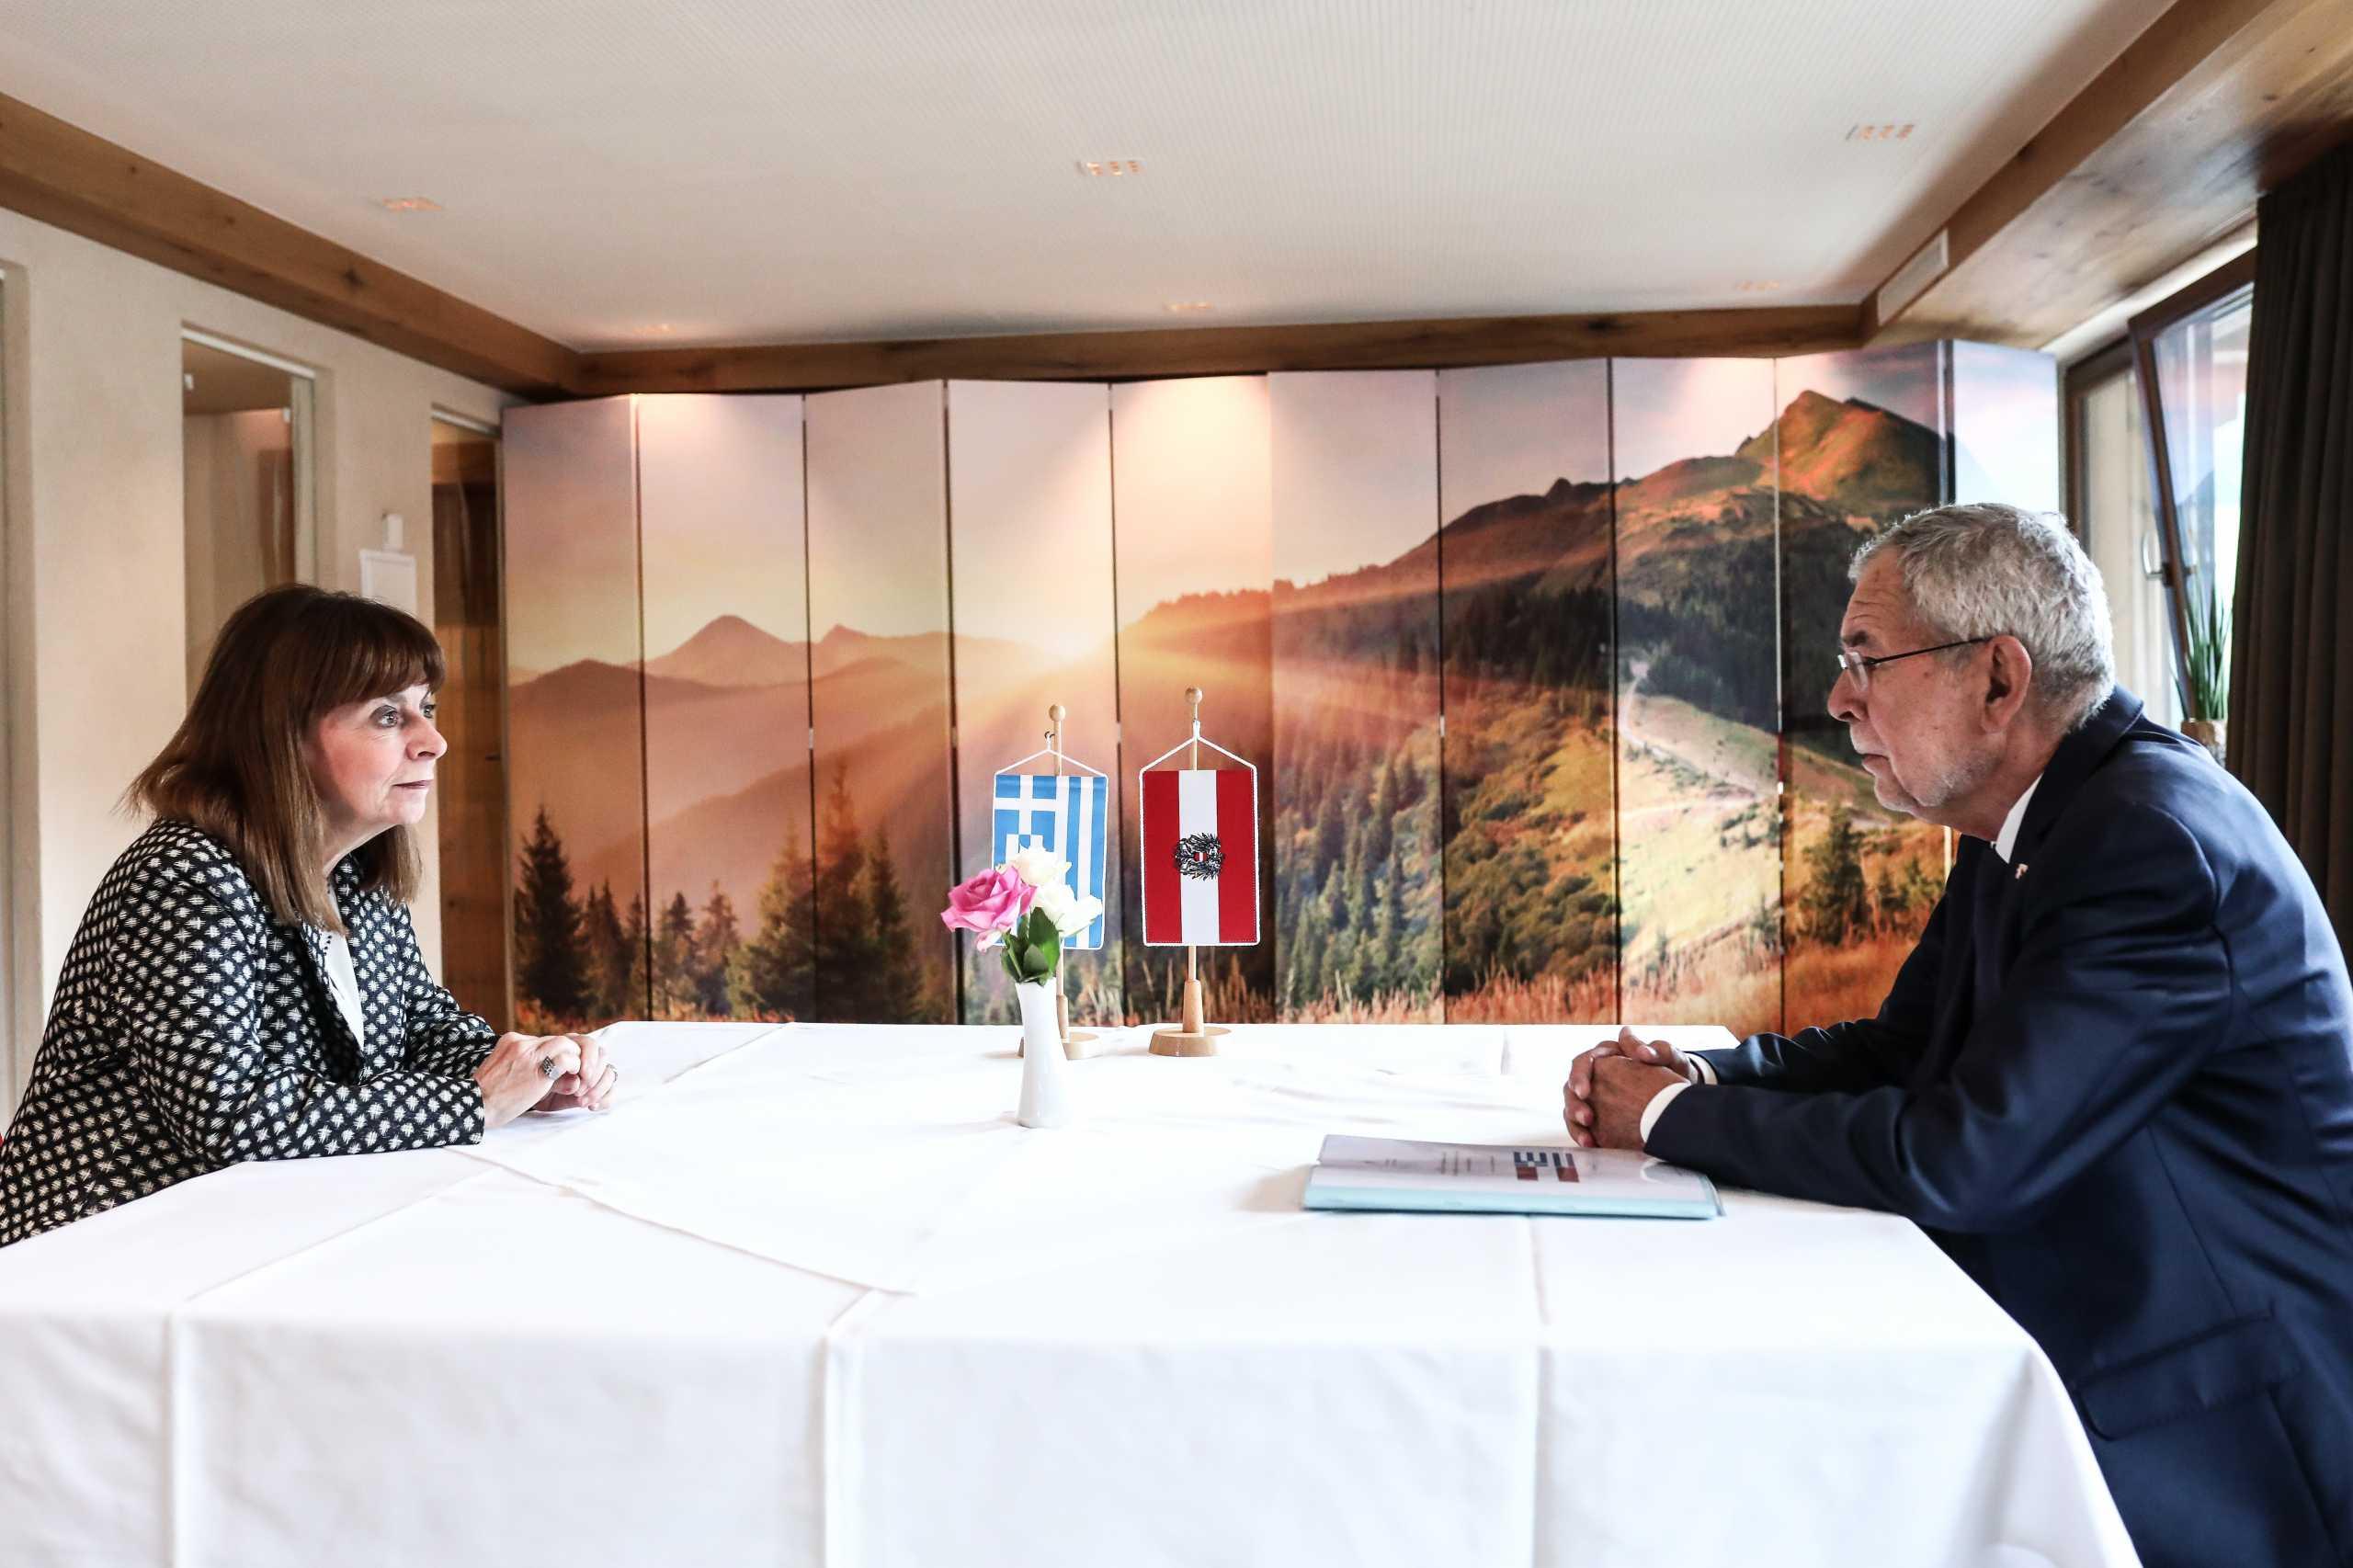 Κατερίνα Σακελλαροπούλου: Συναντήθηκε με τον πρόεδρο της Αυστρίας